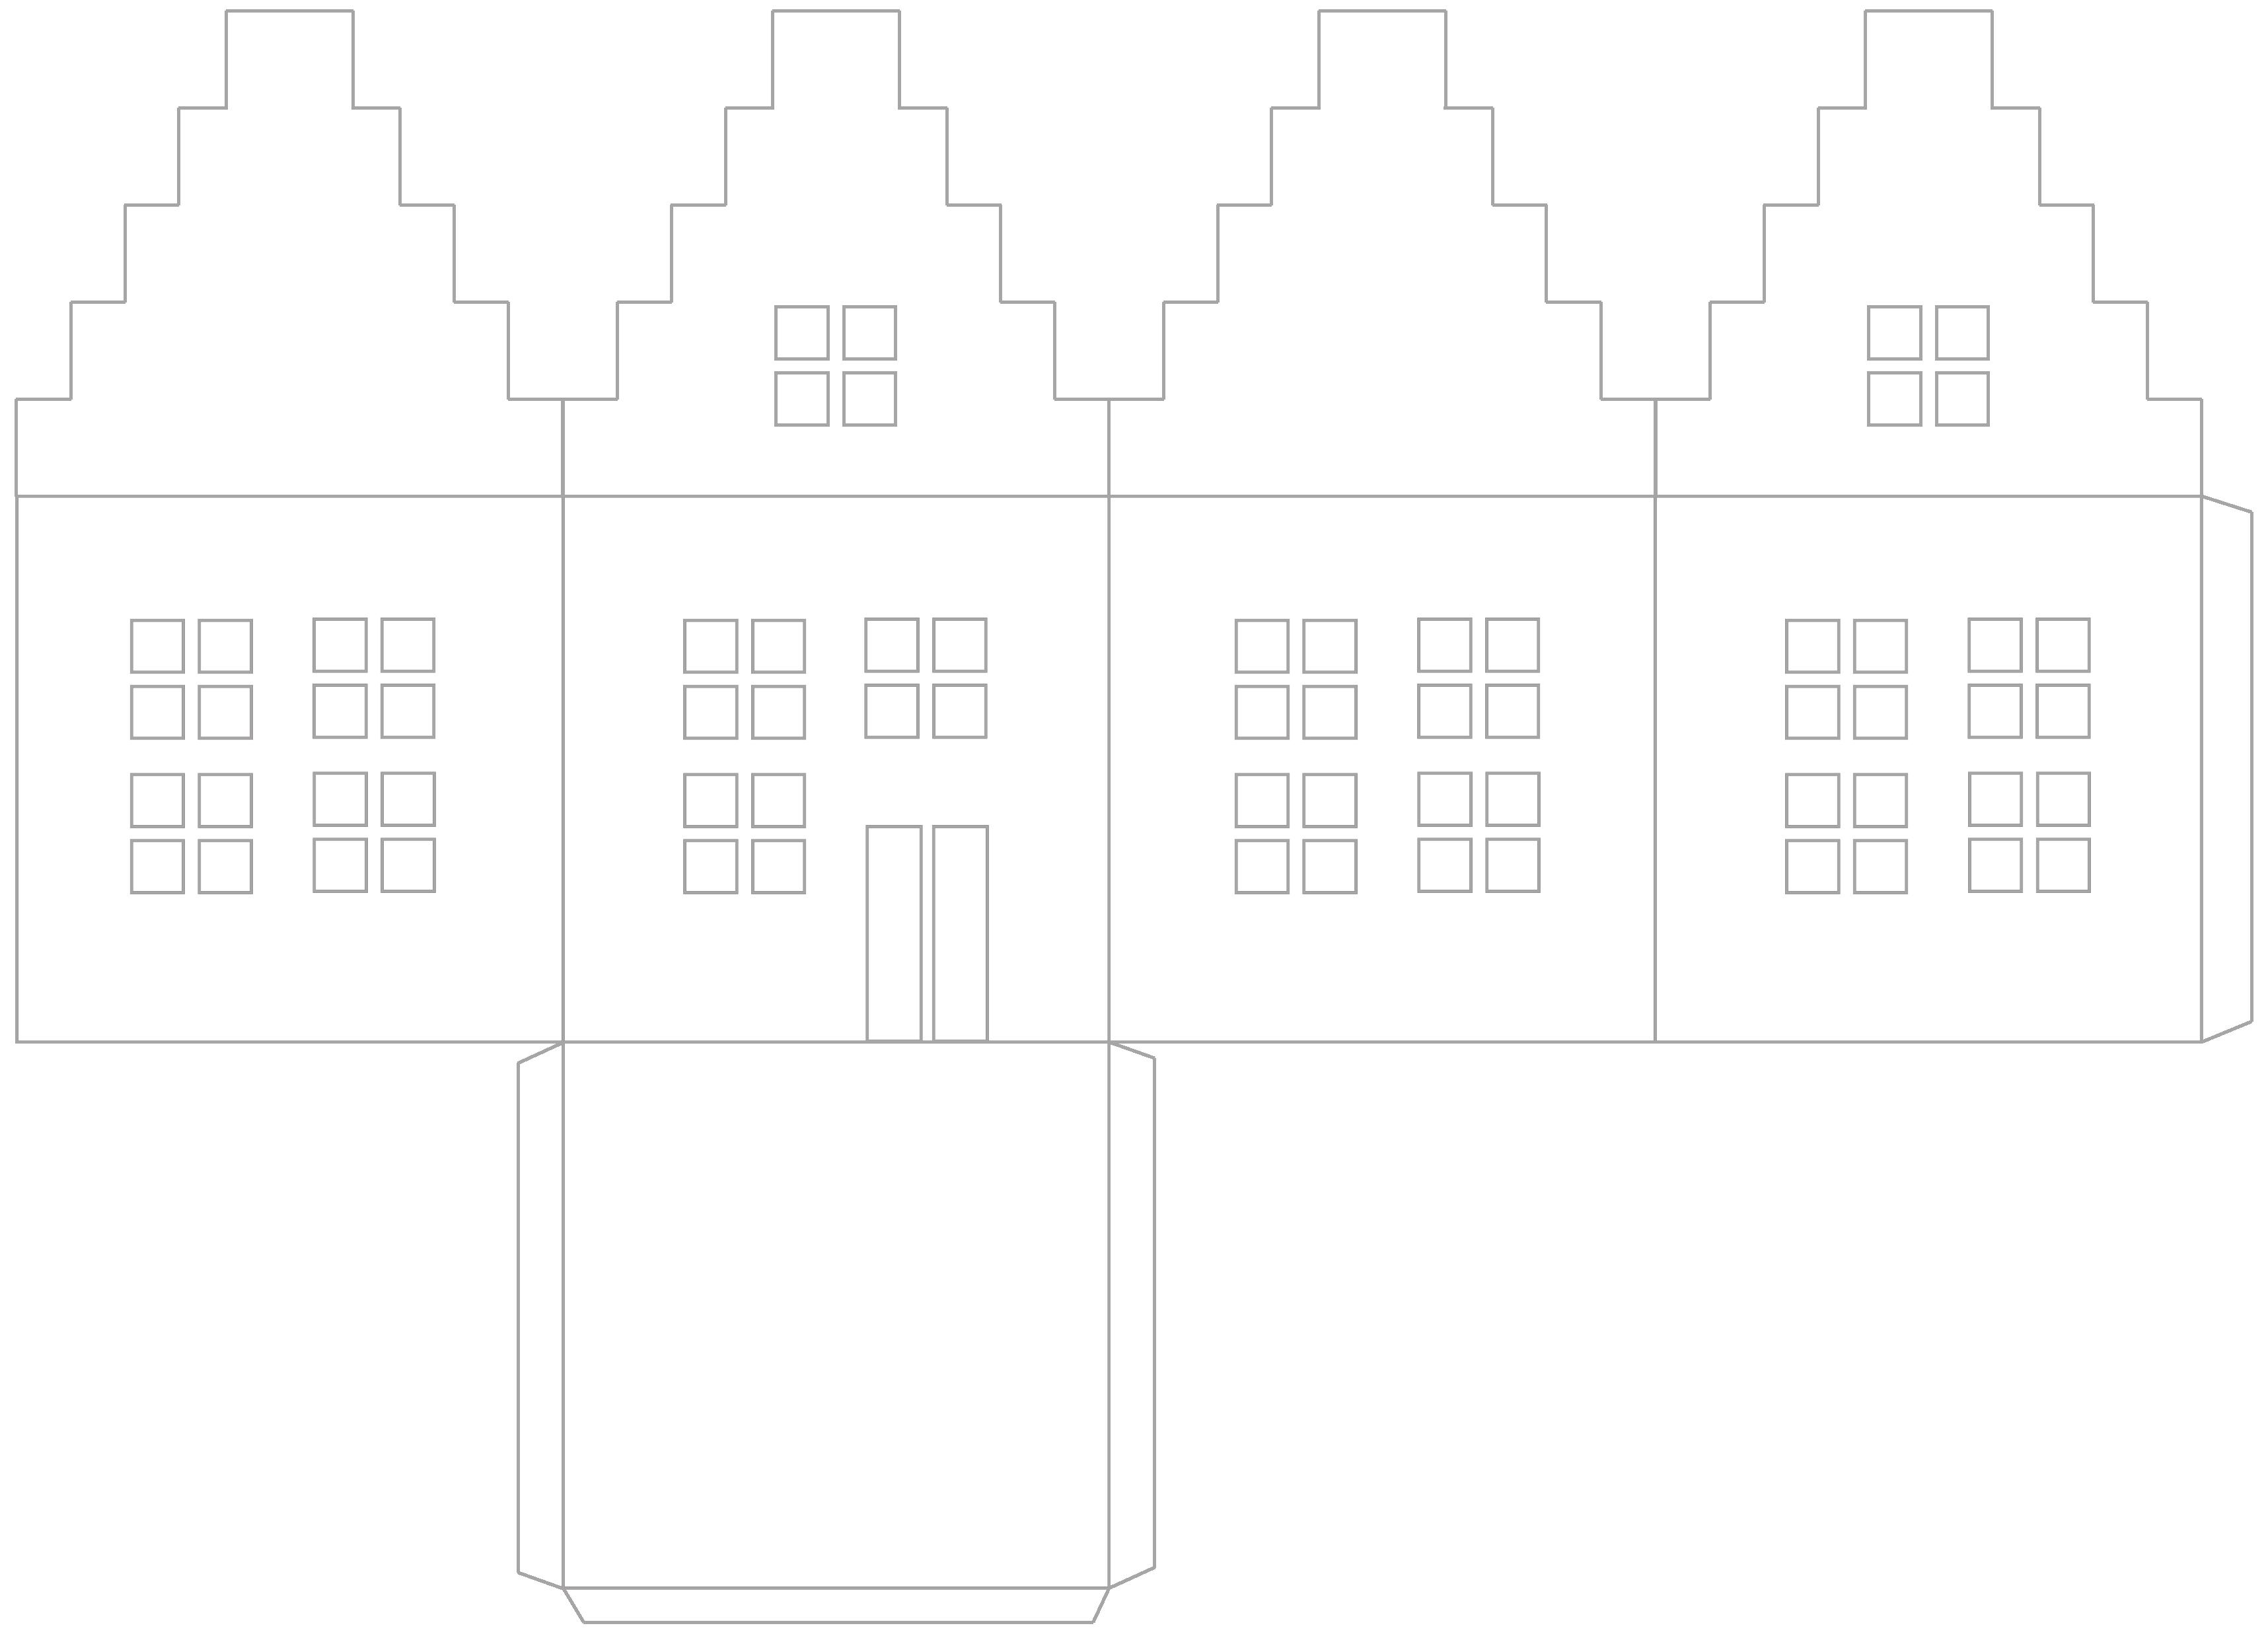 Photophore En Papier : Tutoriel Pour Faire Une Maison tout Patron De Maison En Papier A Imprimer